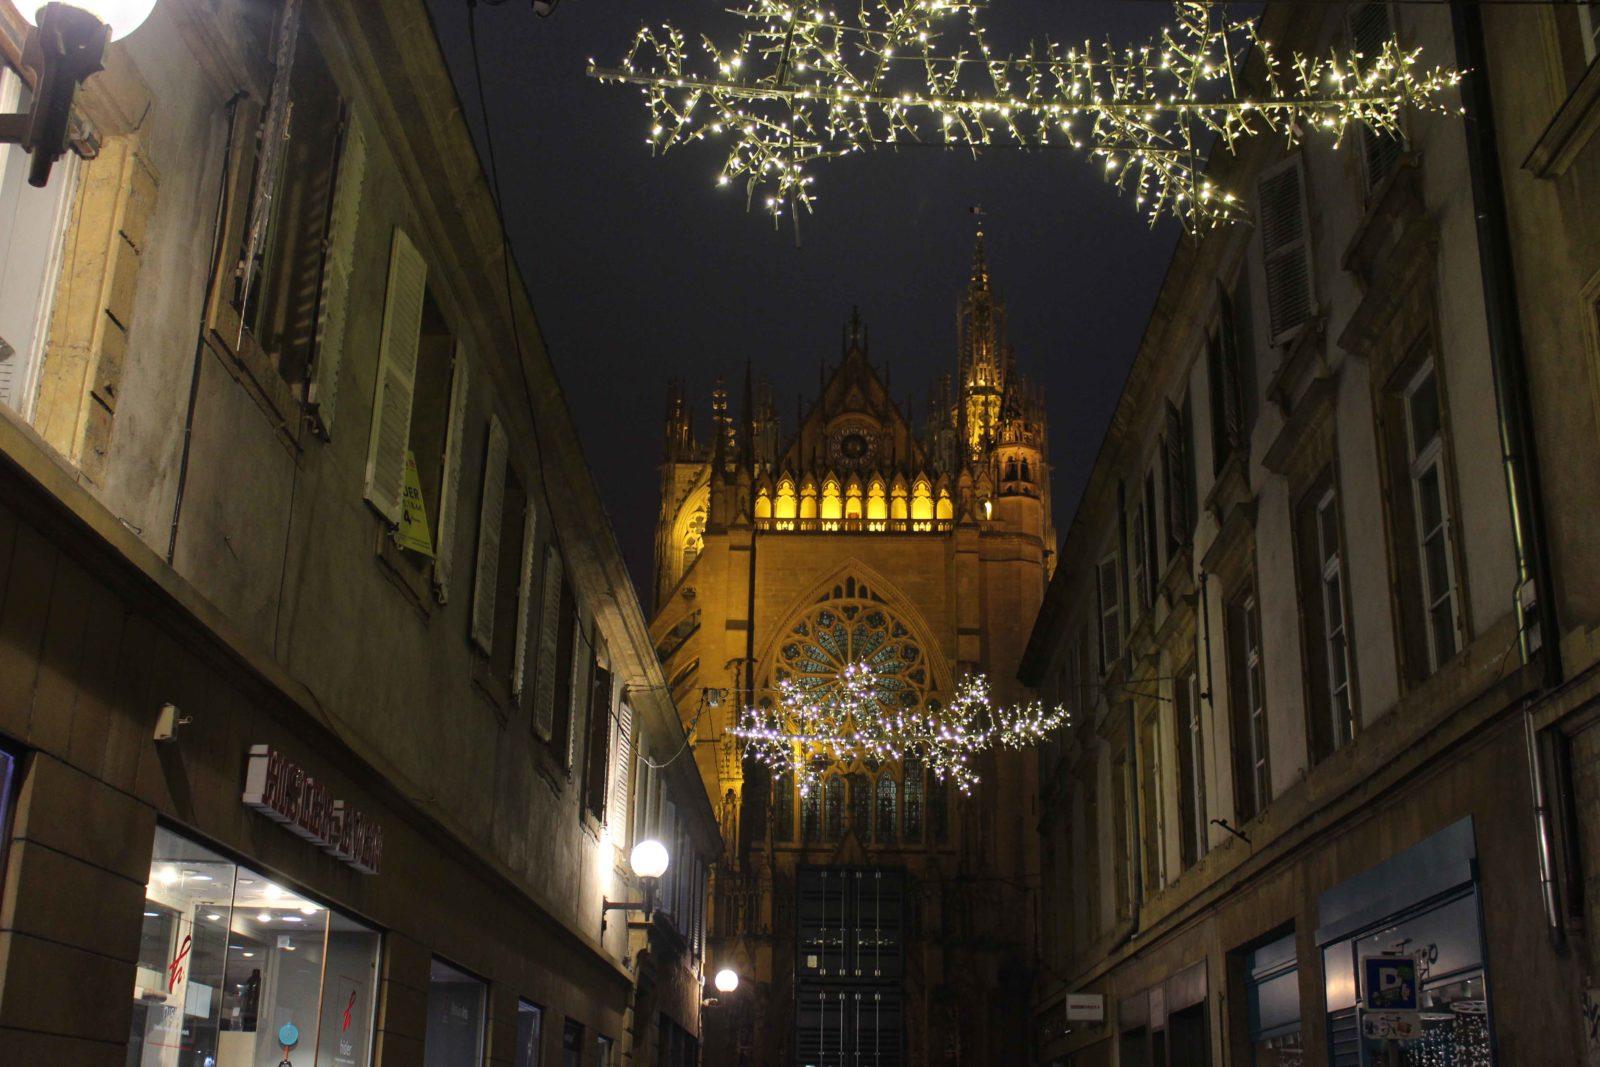 Metz cathédrale de nuit avec décorations Noël